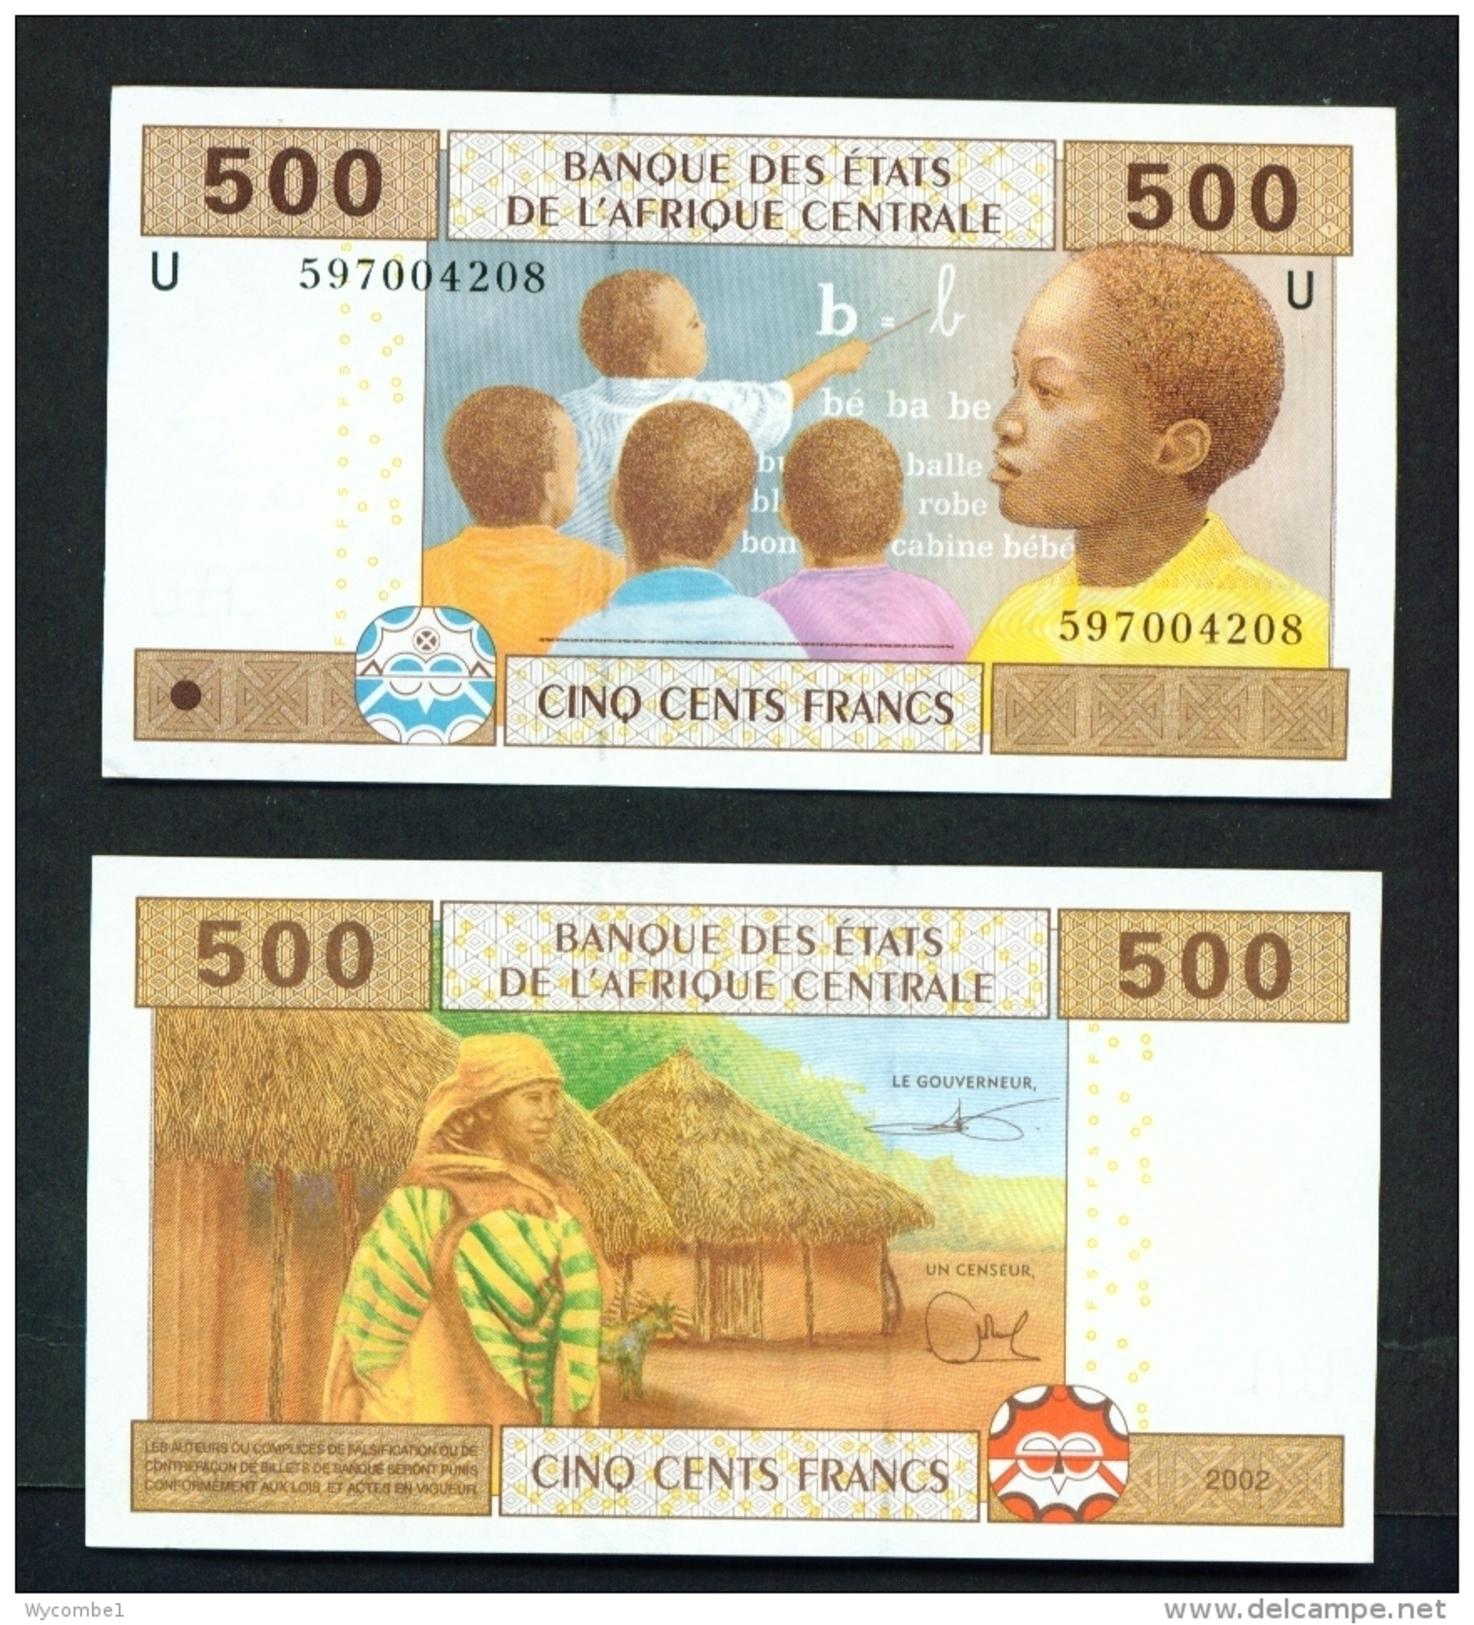 CAMEROON  -  2002  500 Francs  Education  Unc. - Kameroen